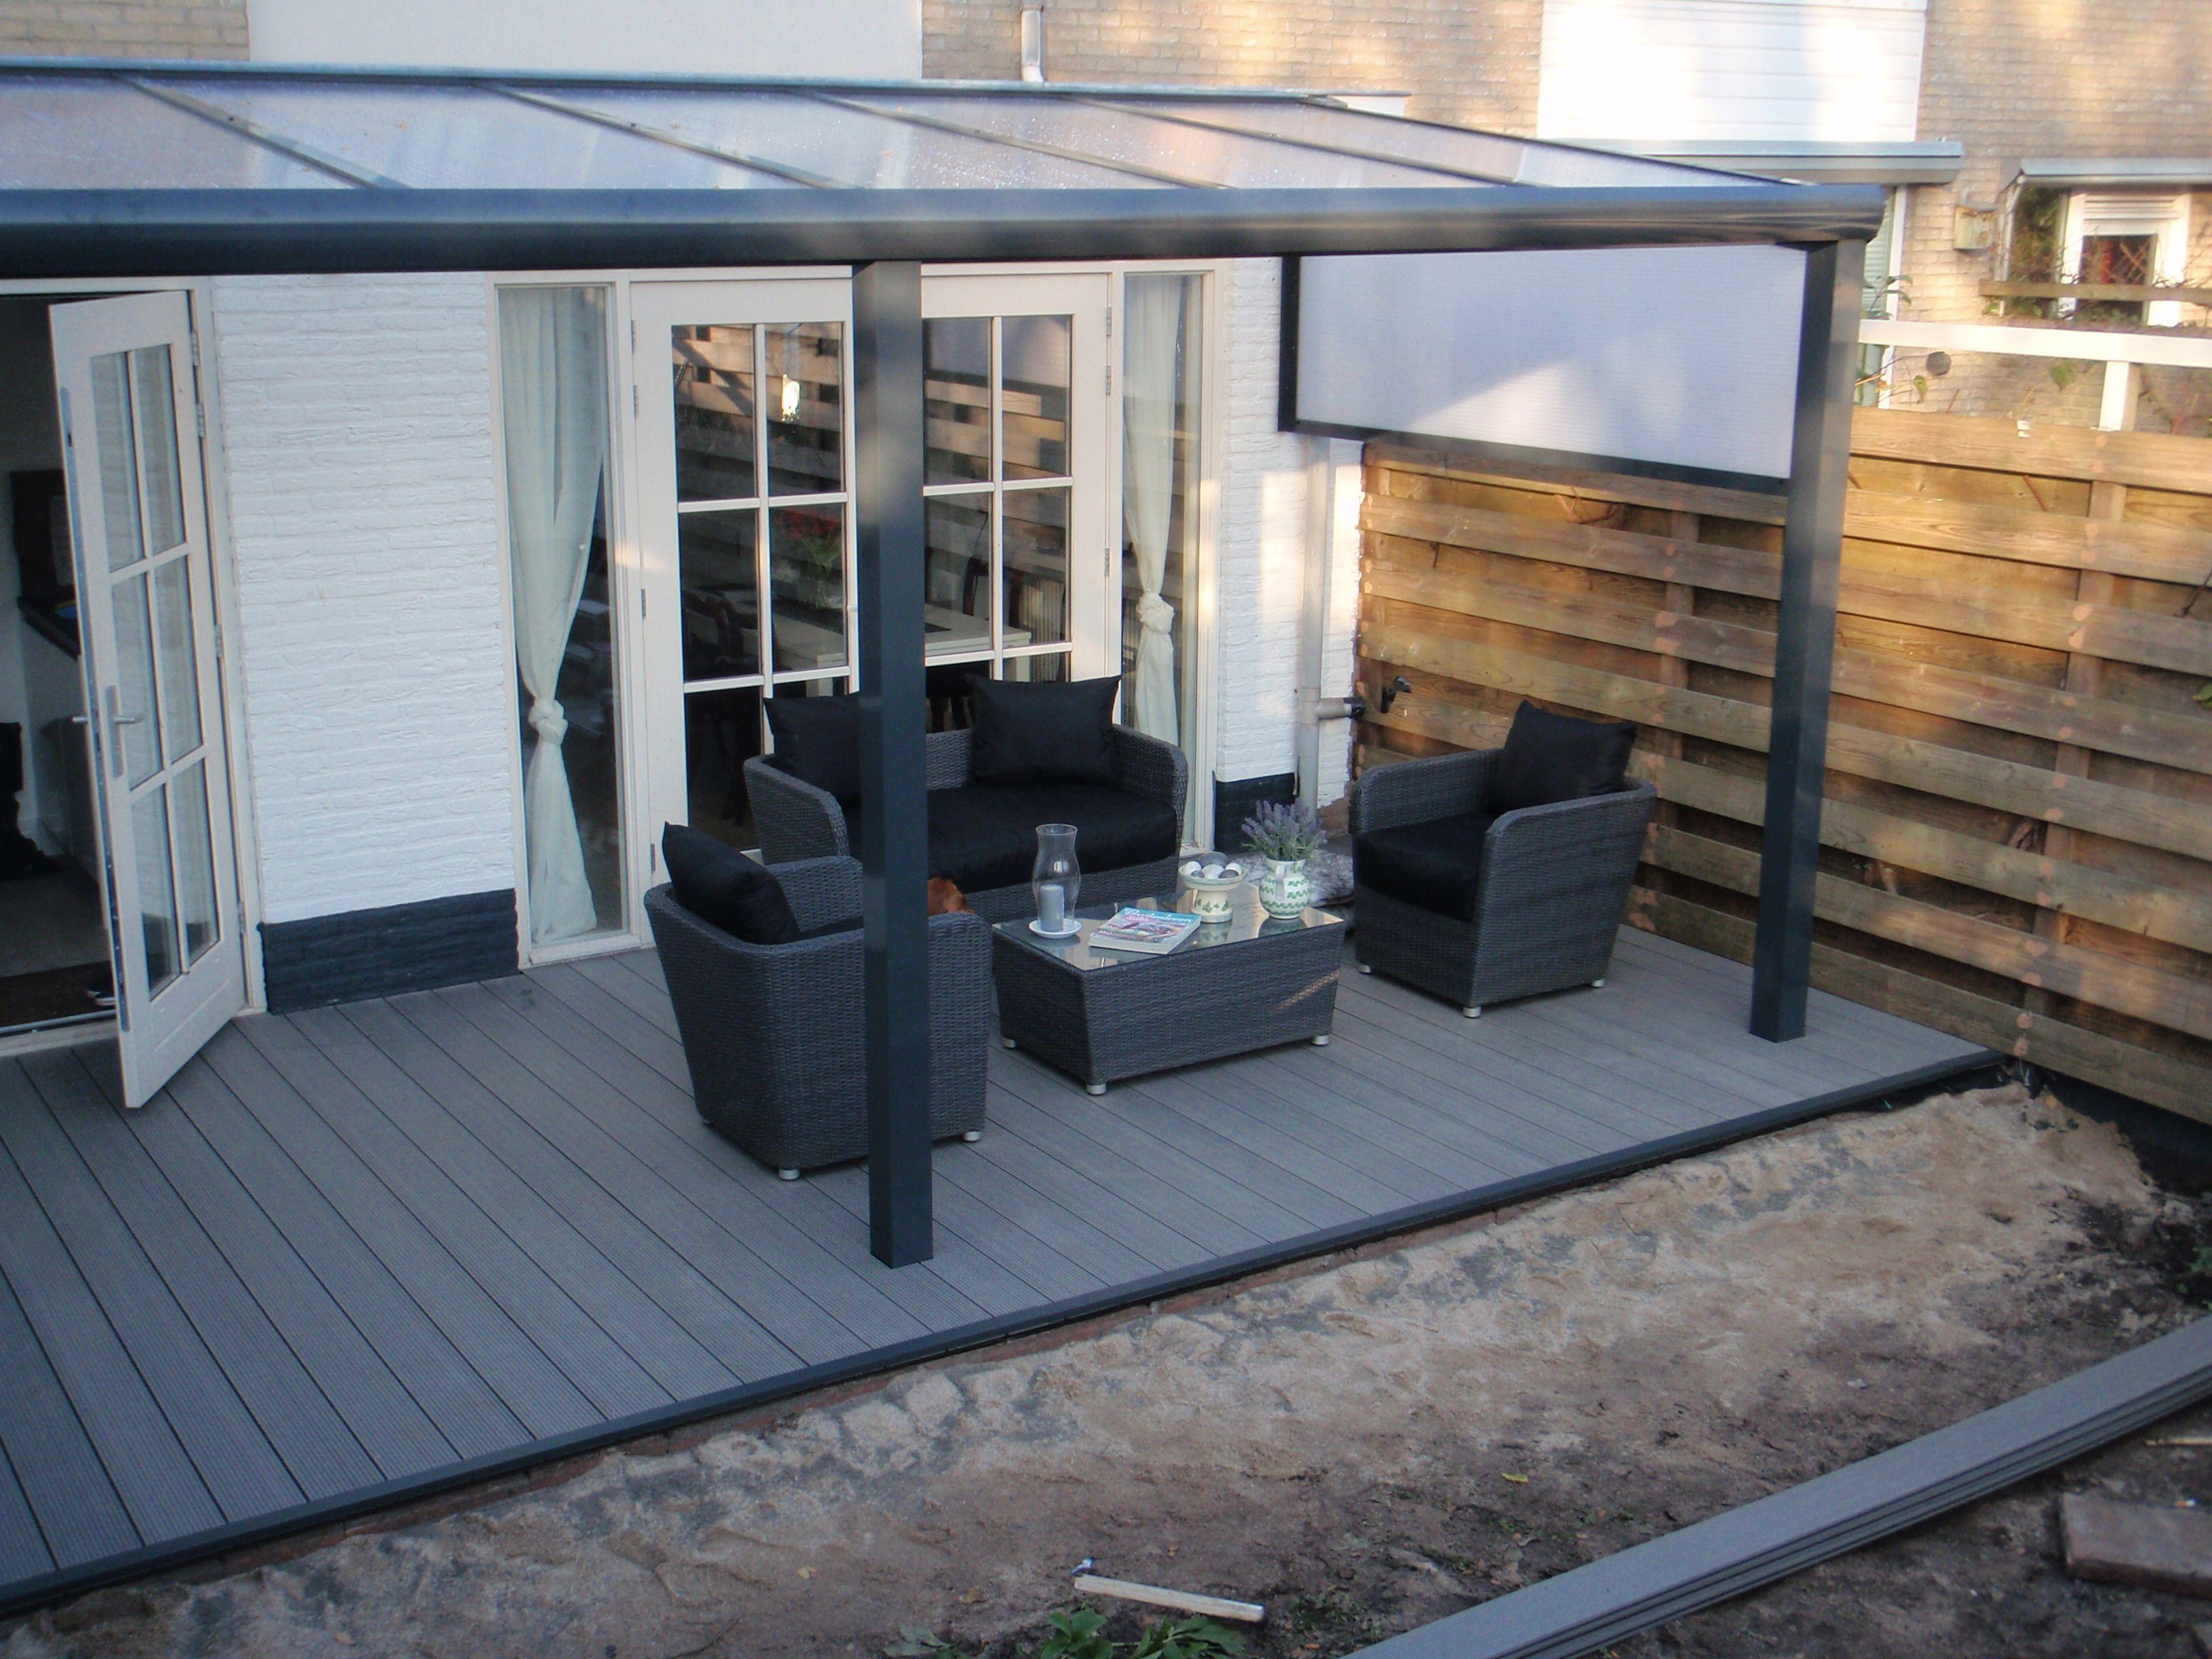 Terrassen berdachung terrassen berdachung pinterest for Terrassen einrichtung